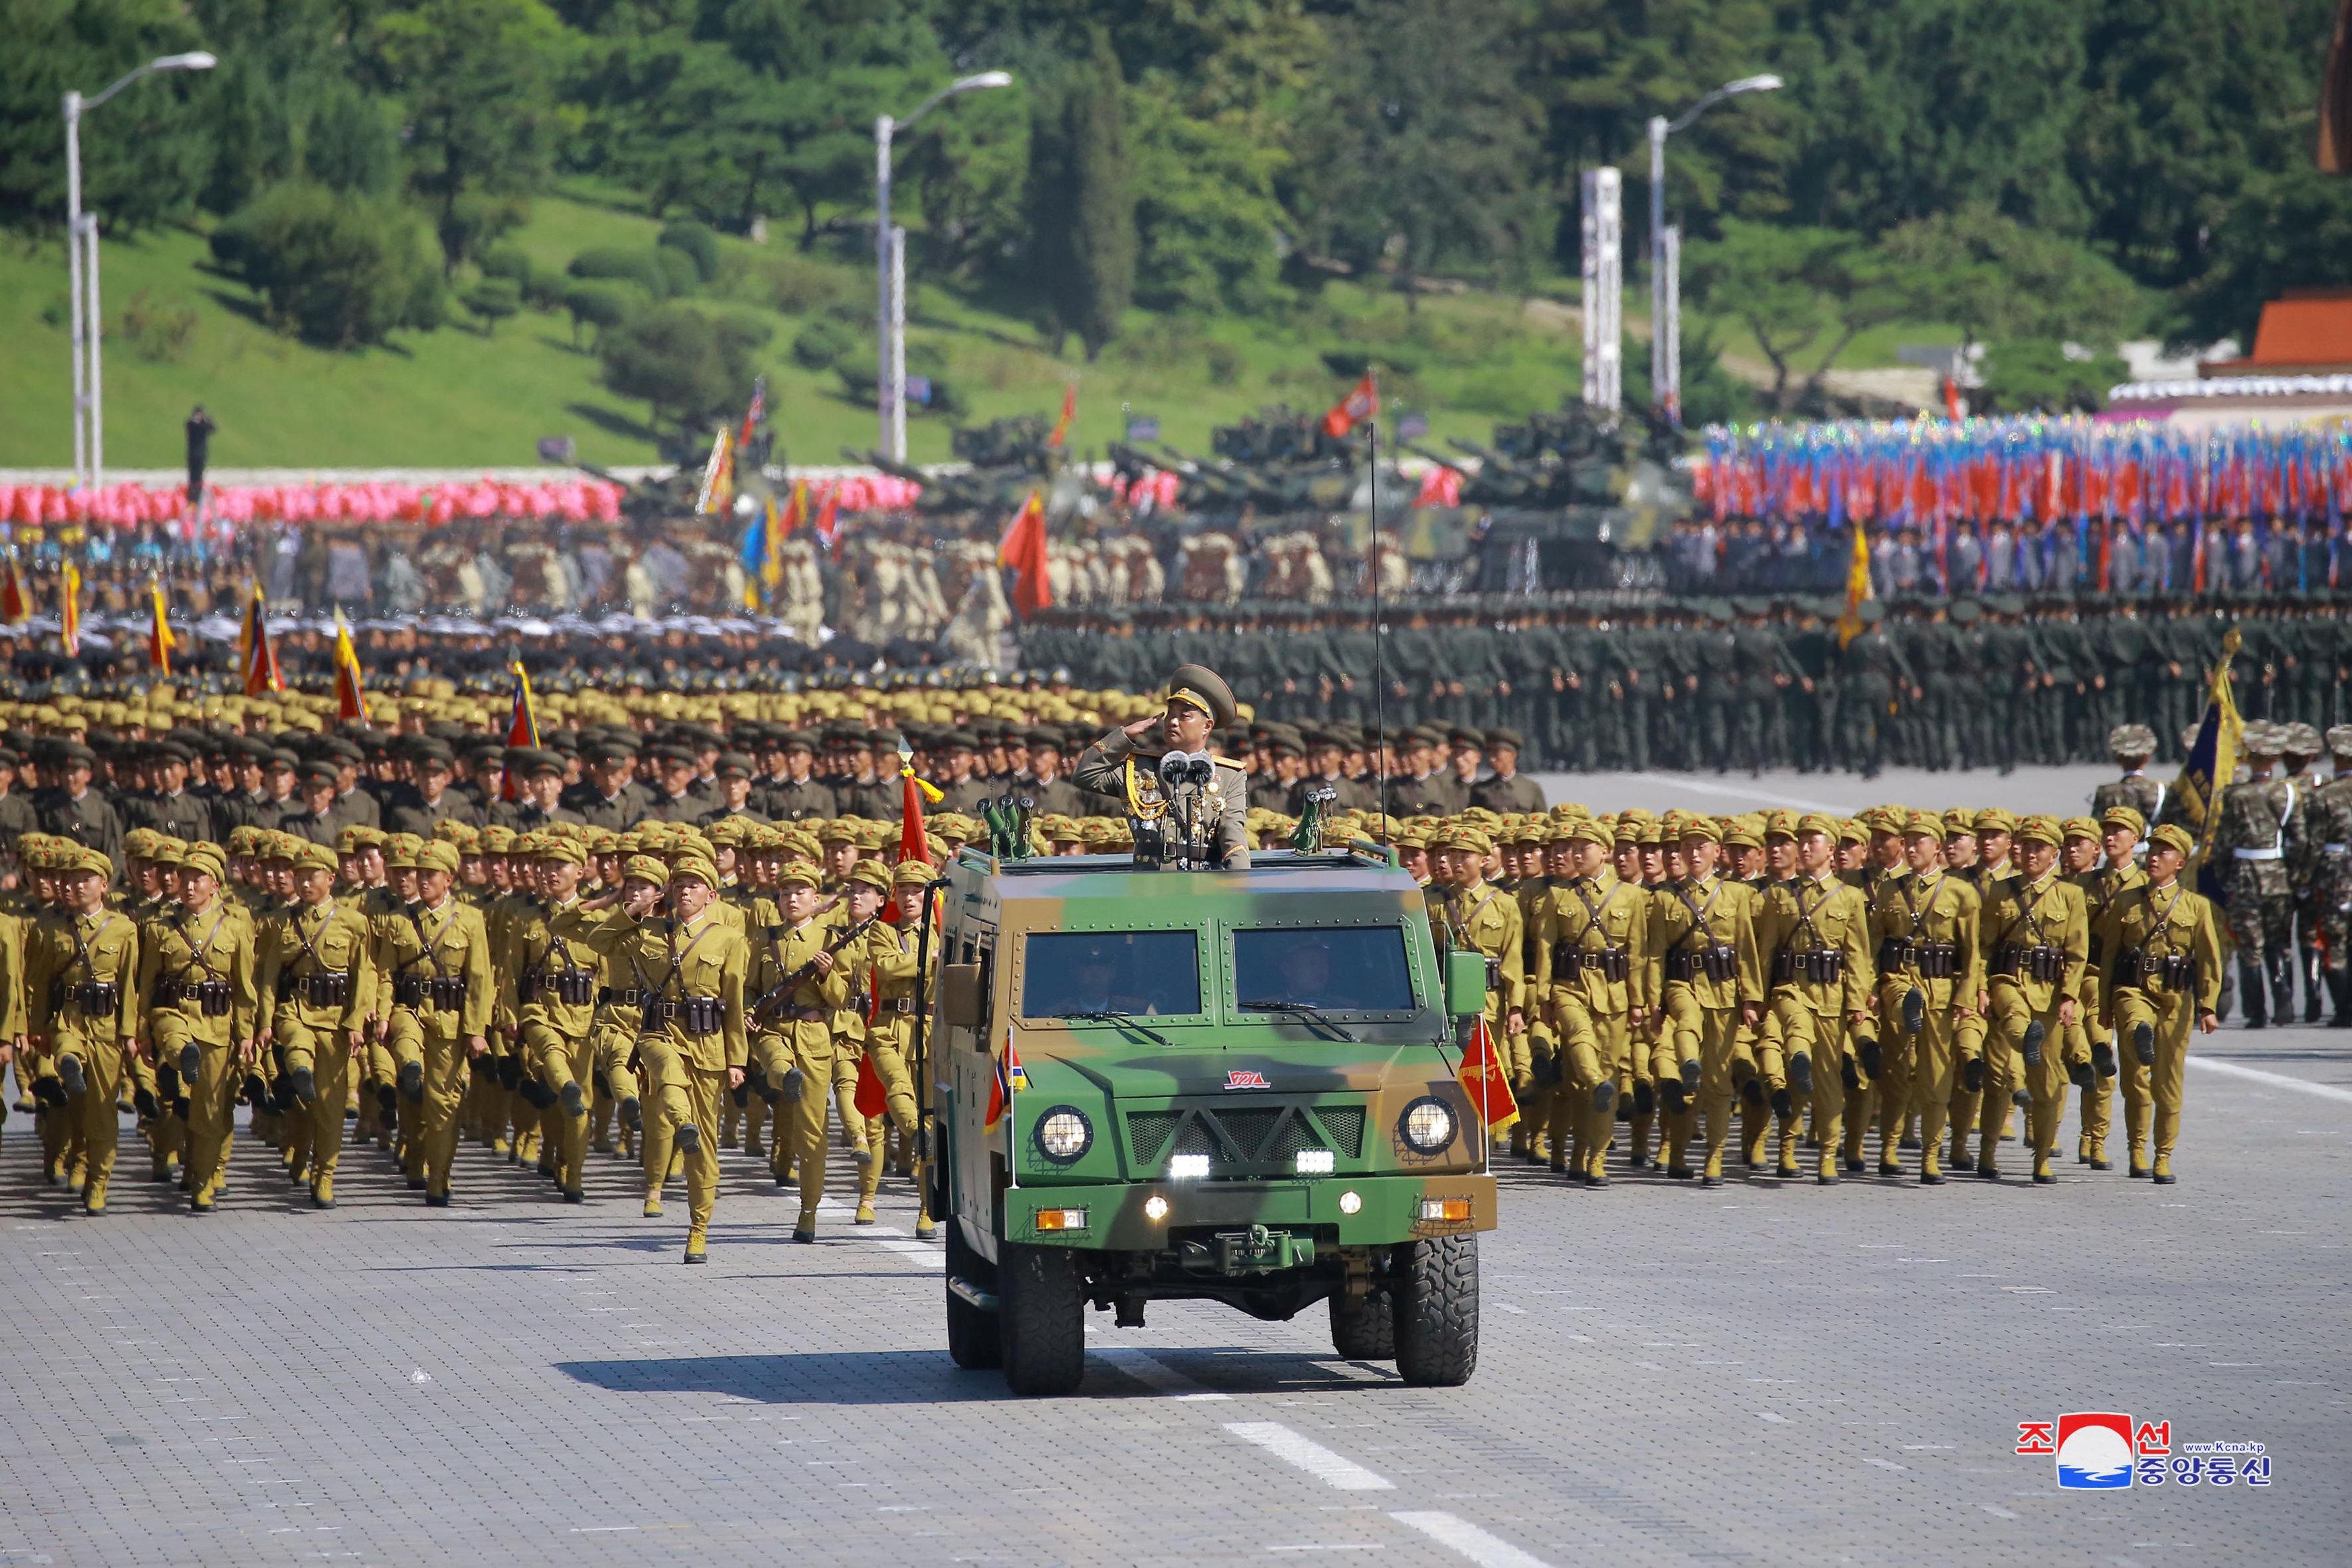 عروض عسكرية فى كوريا الشمالية احتفالا باليوم الوطنى